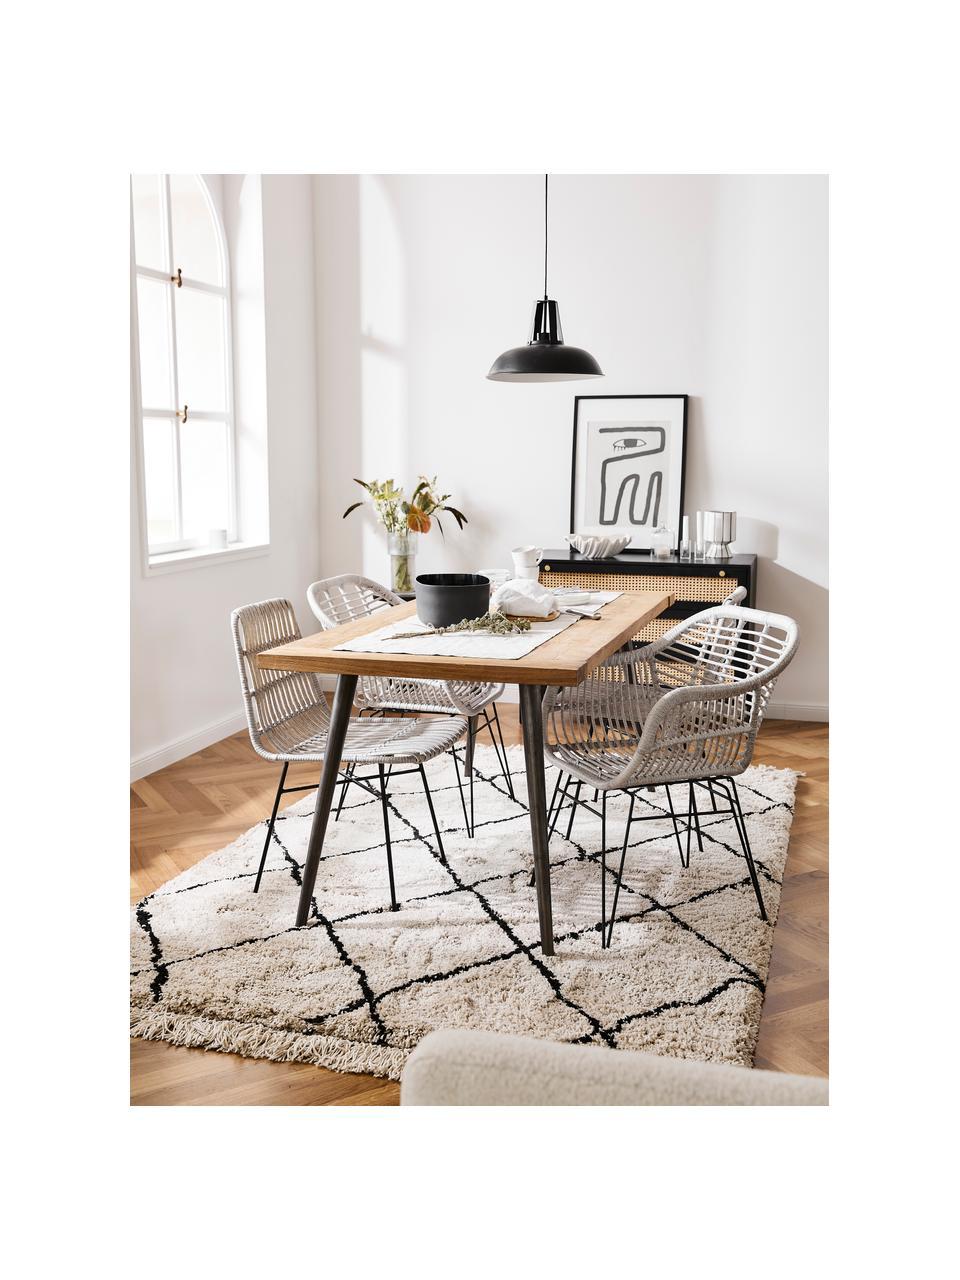 Sedia intrecciata con braccioli Costa 2 pz, Seduta: intreccio in polietilene, Struttura: metallo verniciato a polv, Grigio, nero, Larg. 59 x Prof. 58 cm